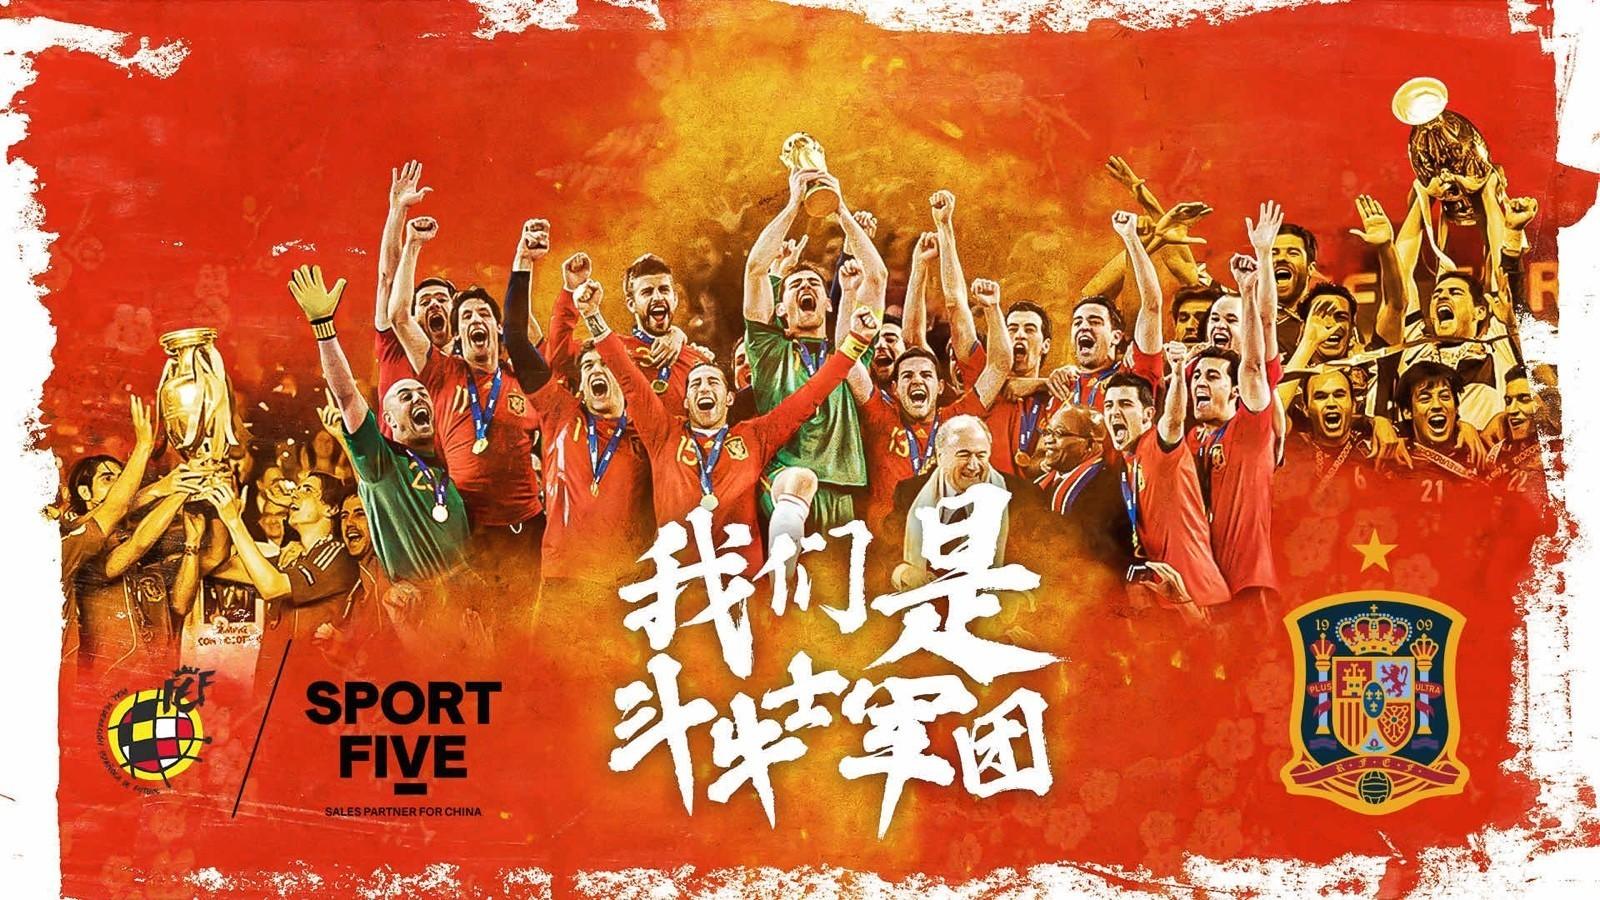 早餐10.30|SPORTFIVE助力西班牙国家足球队赞助合作 2020体育大生意年度评选50+评委重磅发布